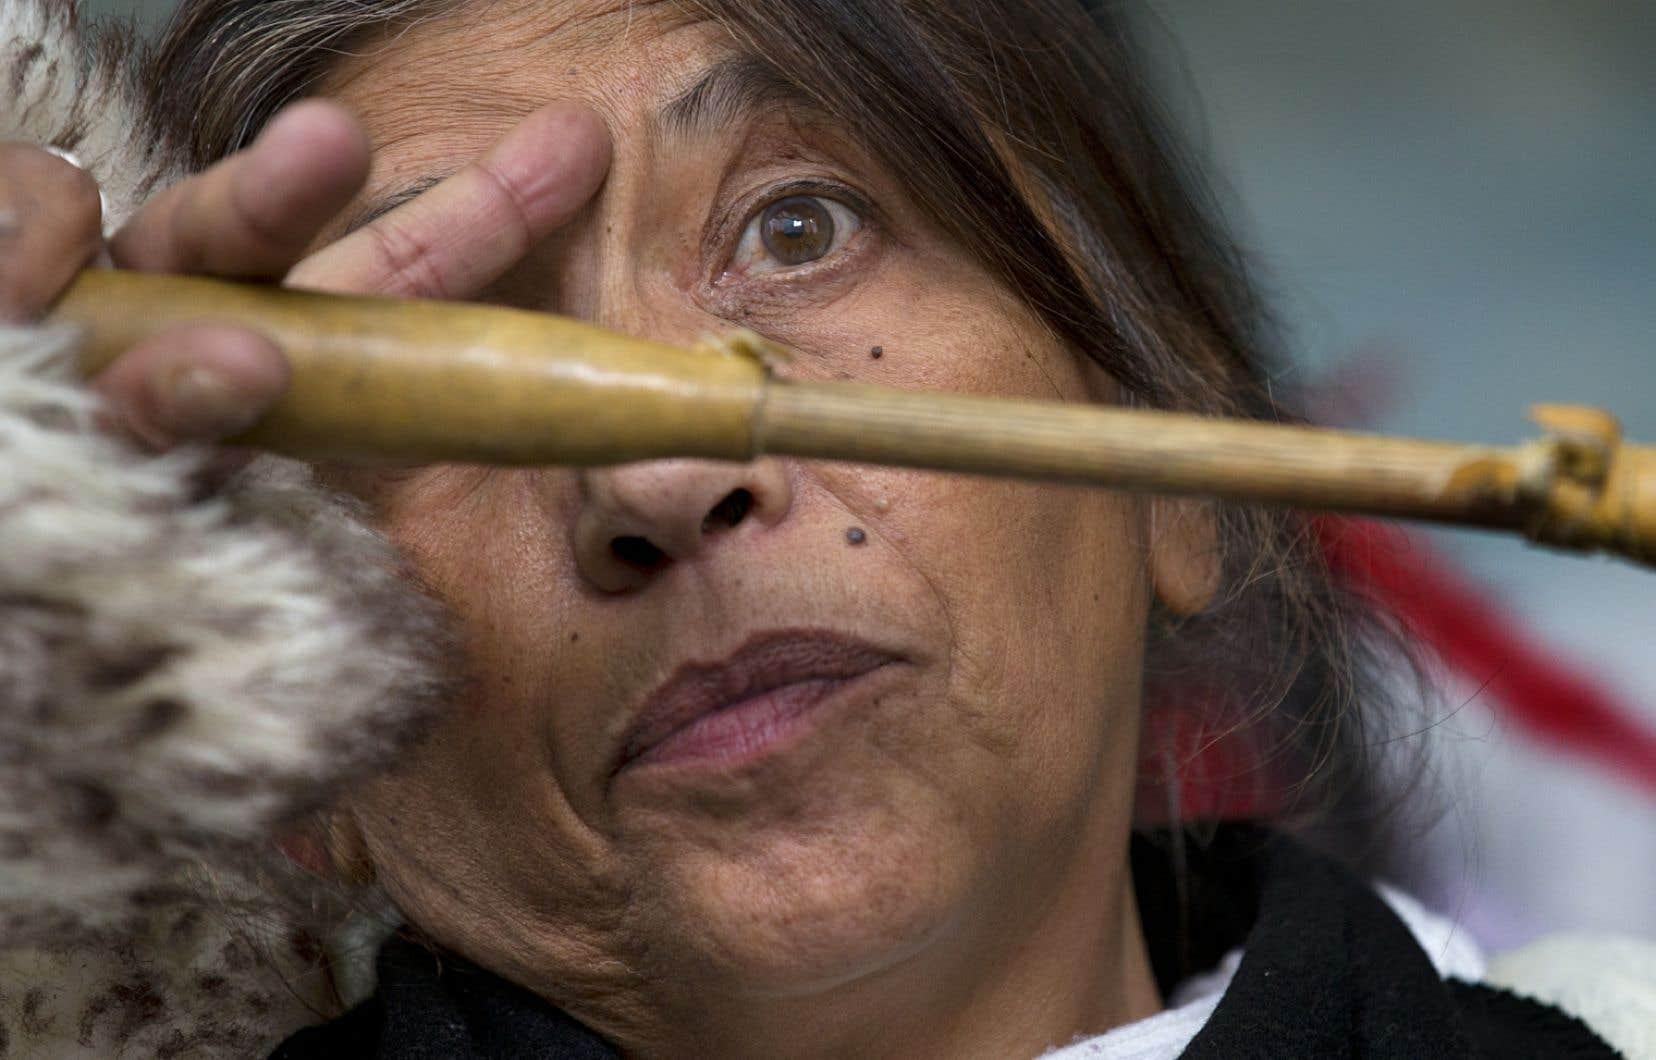 Plusieurs centaines de femmes autochtones auraient été tuées ou portées disparues depuis les années 1960 au Canada.